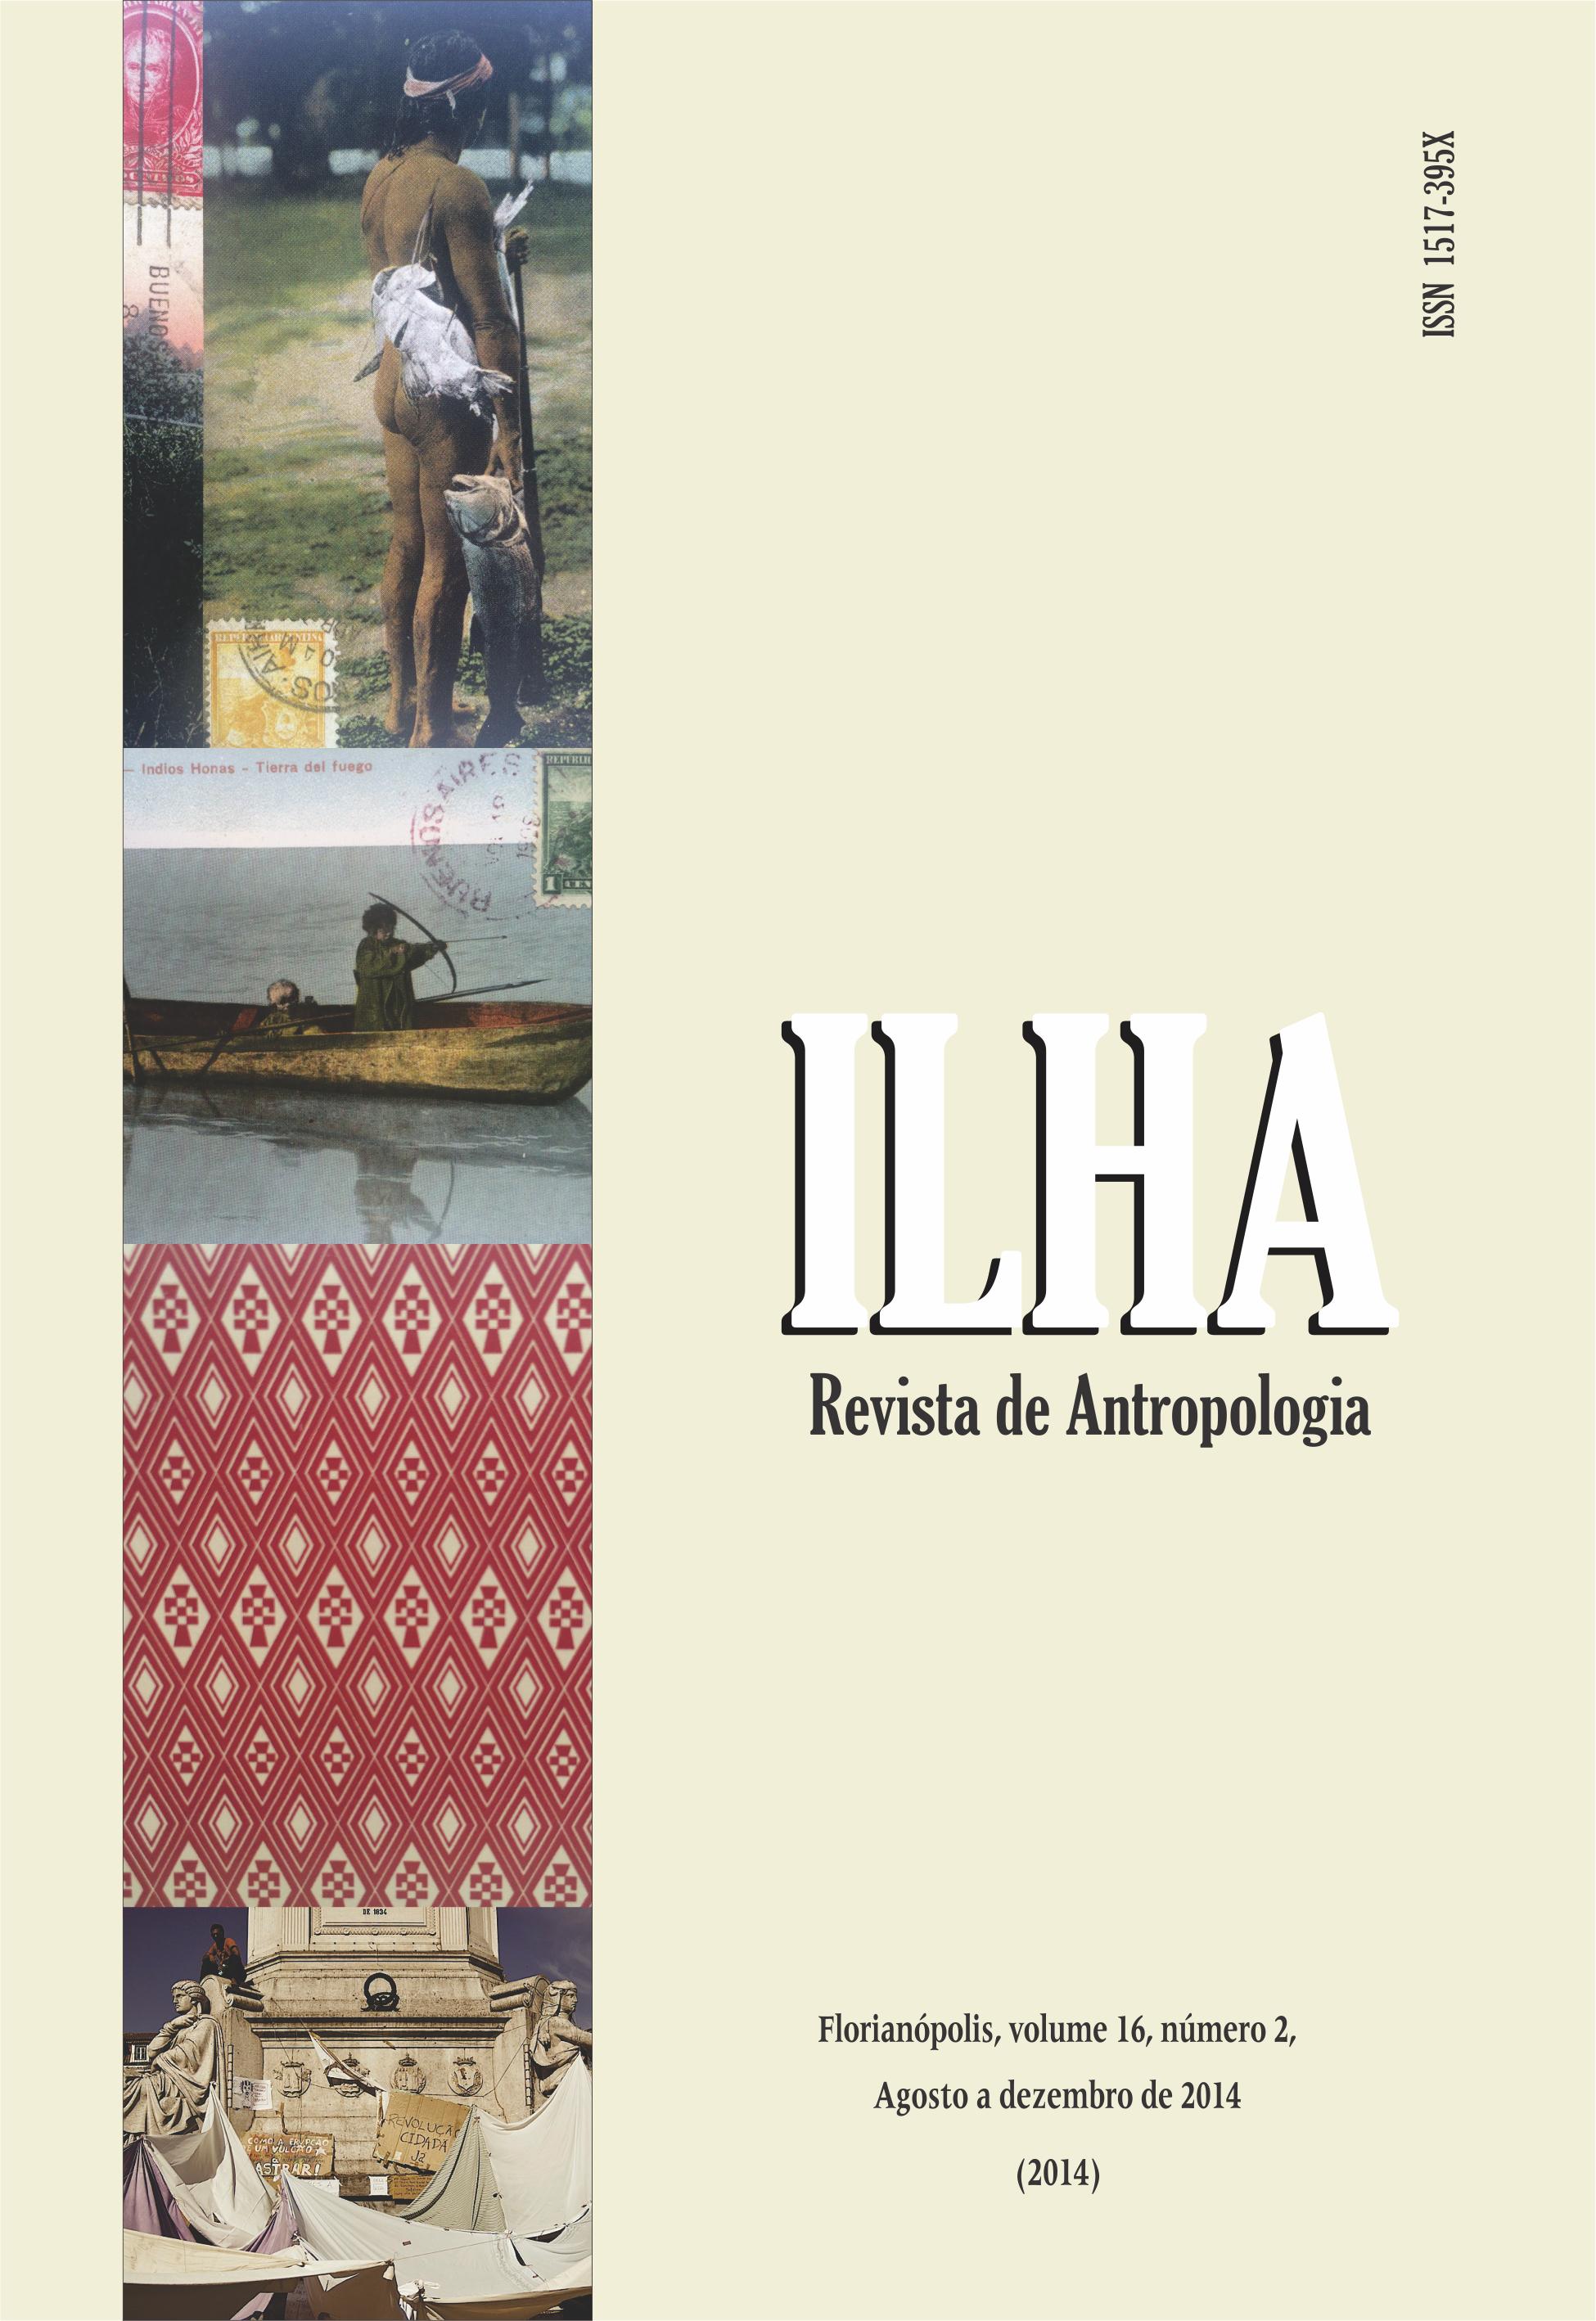 Editores deste volume: Professora Doutora Maria Eugenia Dominguez, Professor Doutor Gabriel Coutinho Barbosa e Professor Doutor Theophilos Rifiotis